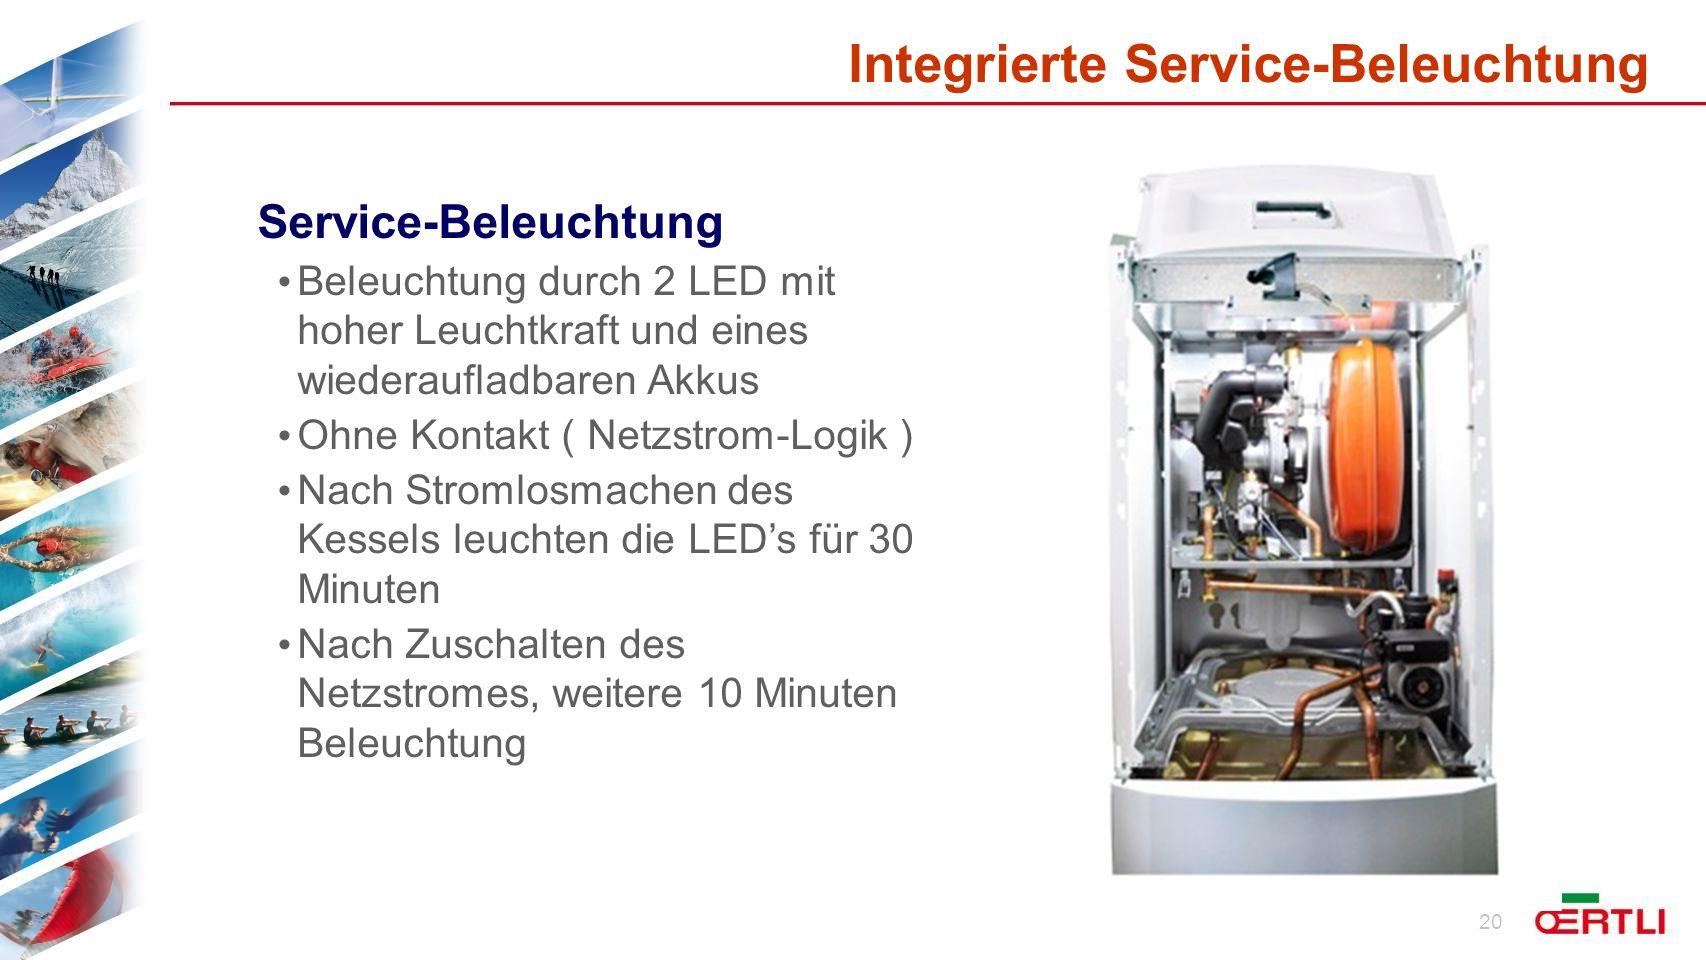 Integrierte Service-Beleuchtung